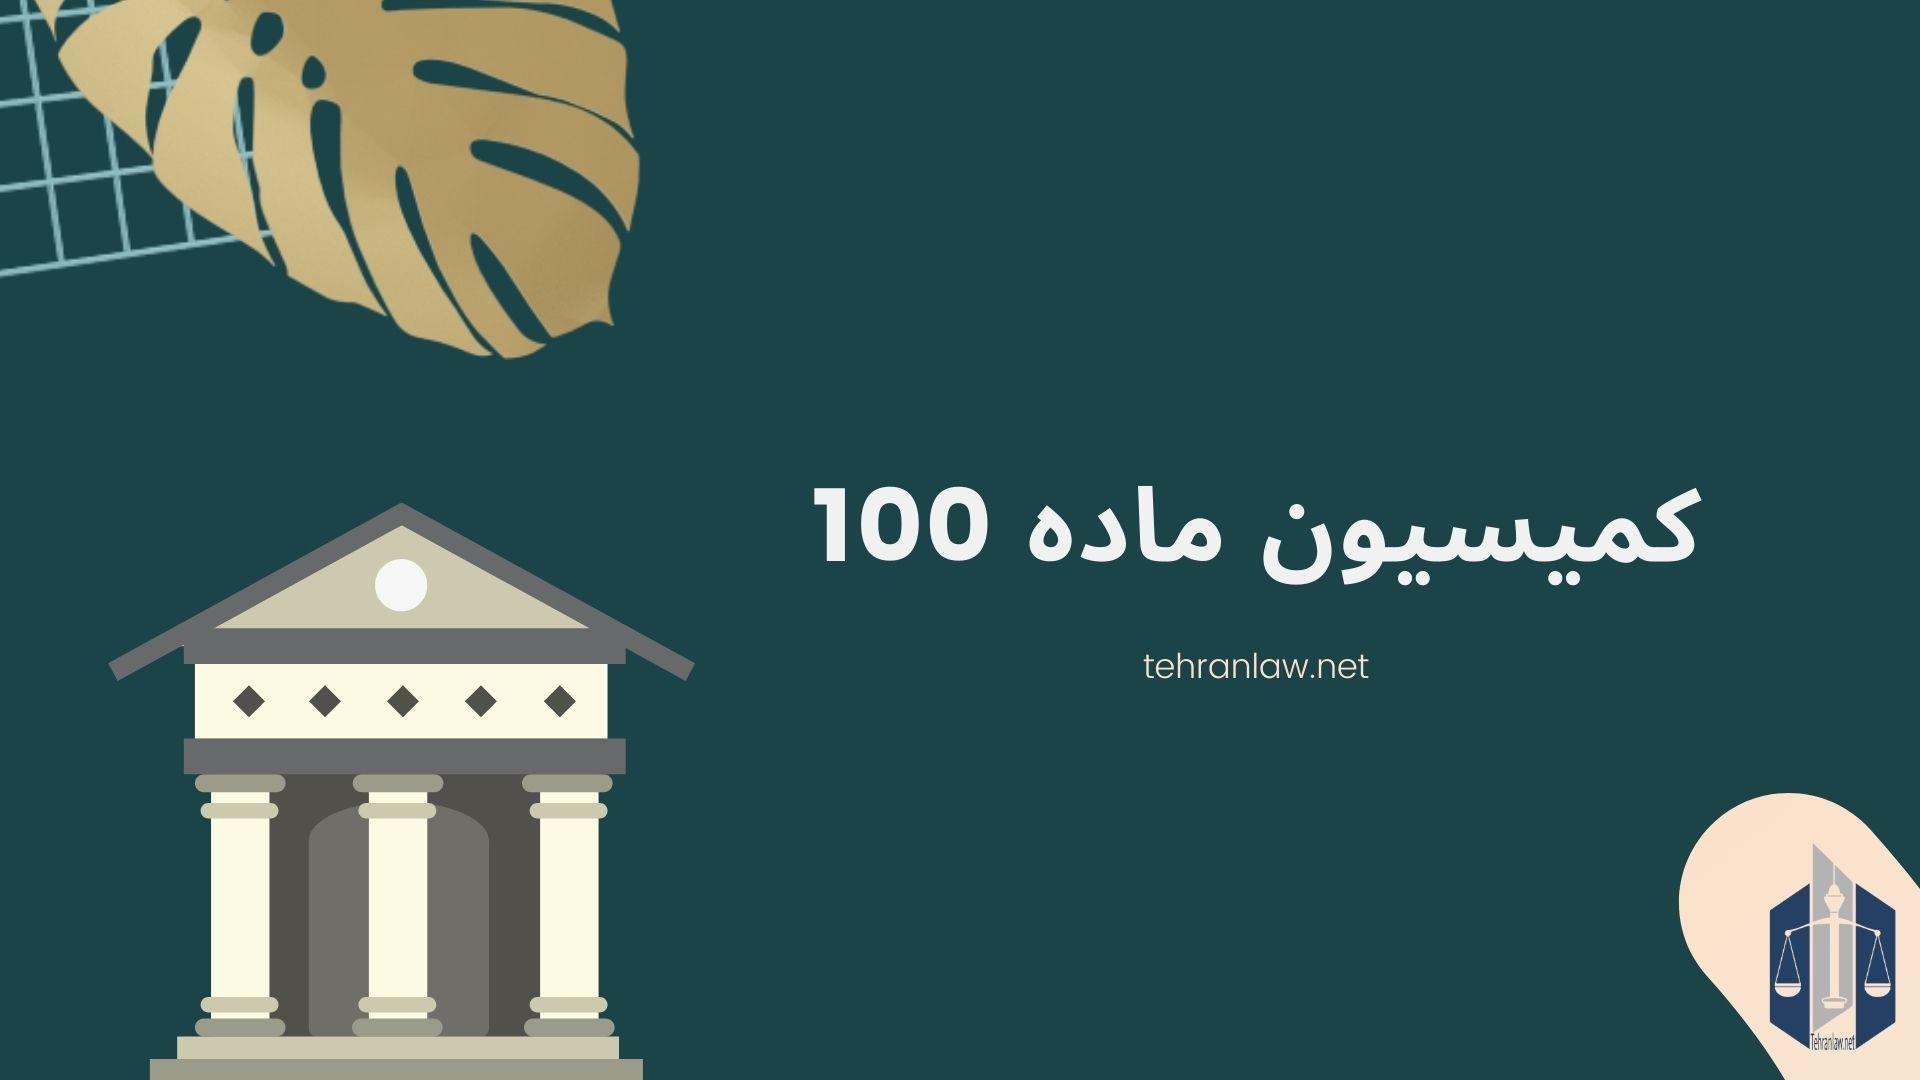 کمیسیون ماده 100